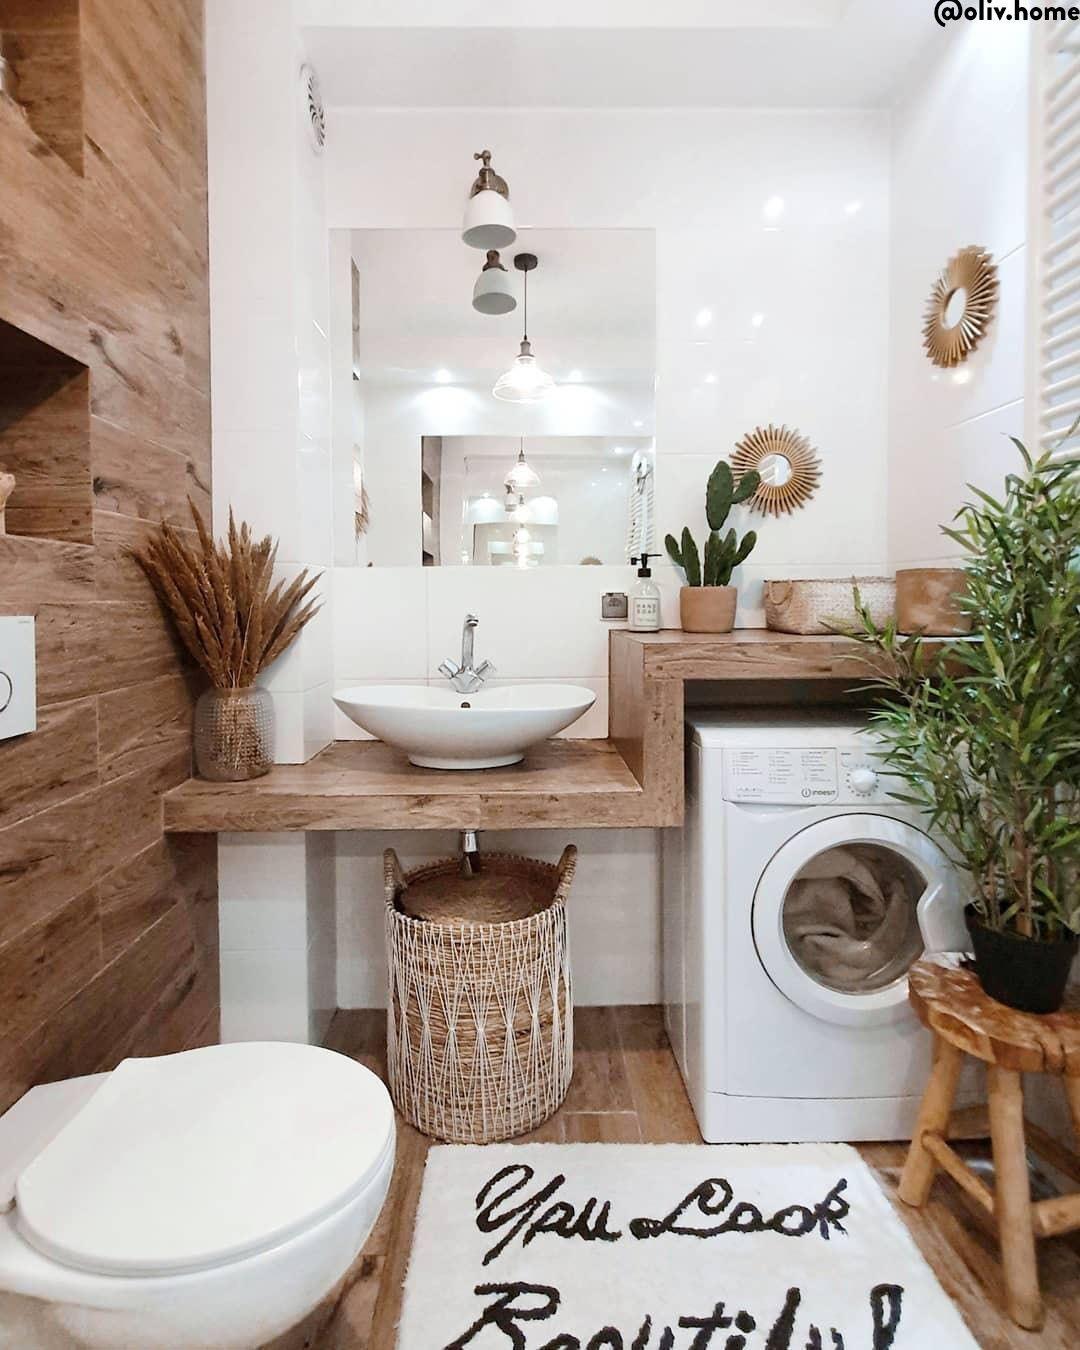 Home Spa Relaxen Im Eigenen Bad In Einem Behaglichen Wohlfuhlbadezimmer Lasst Es Sich Wunderb Waschkuchendesign Badezimmereinrichtung Gemutliches Badezimmer